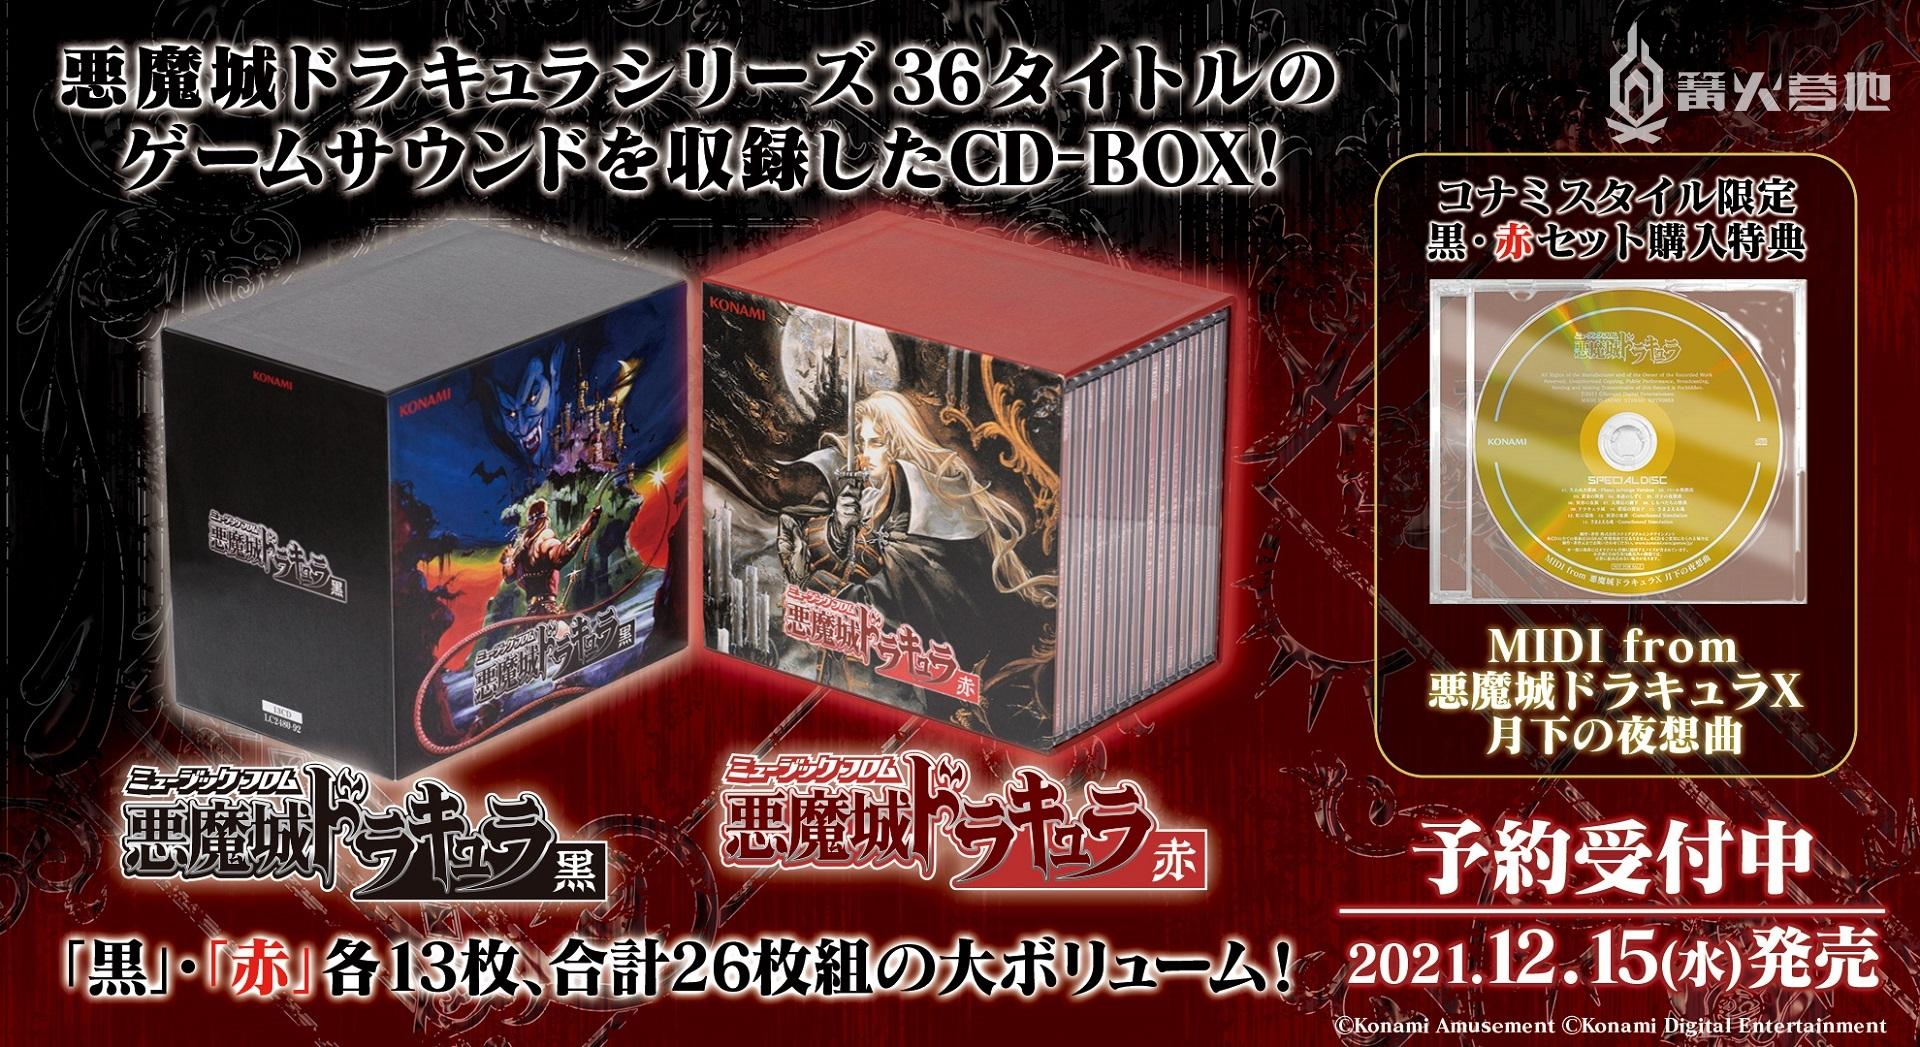 《恶魔城》将推出全系列 OST 合集